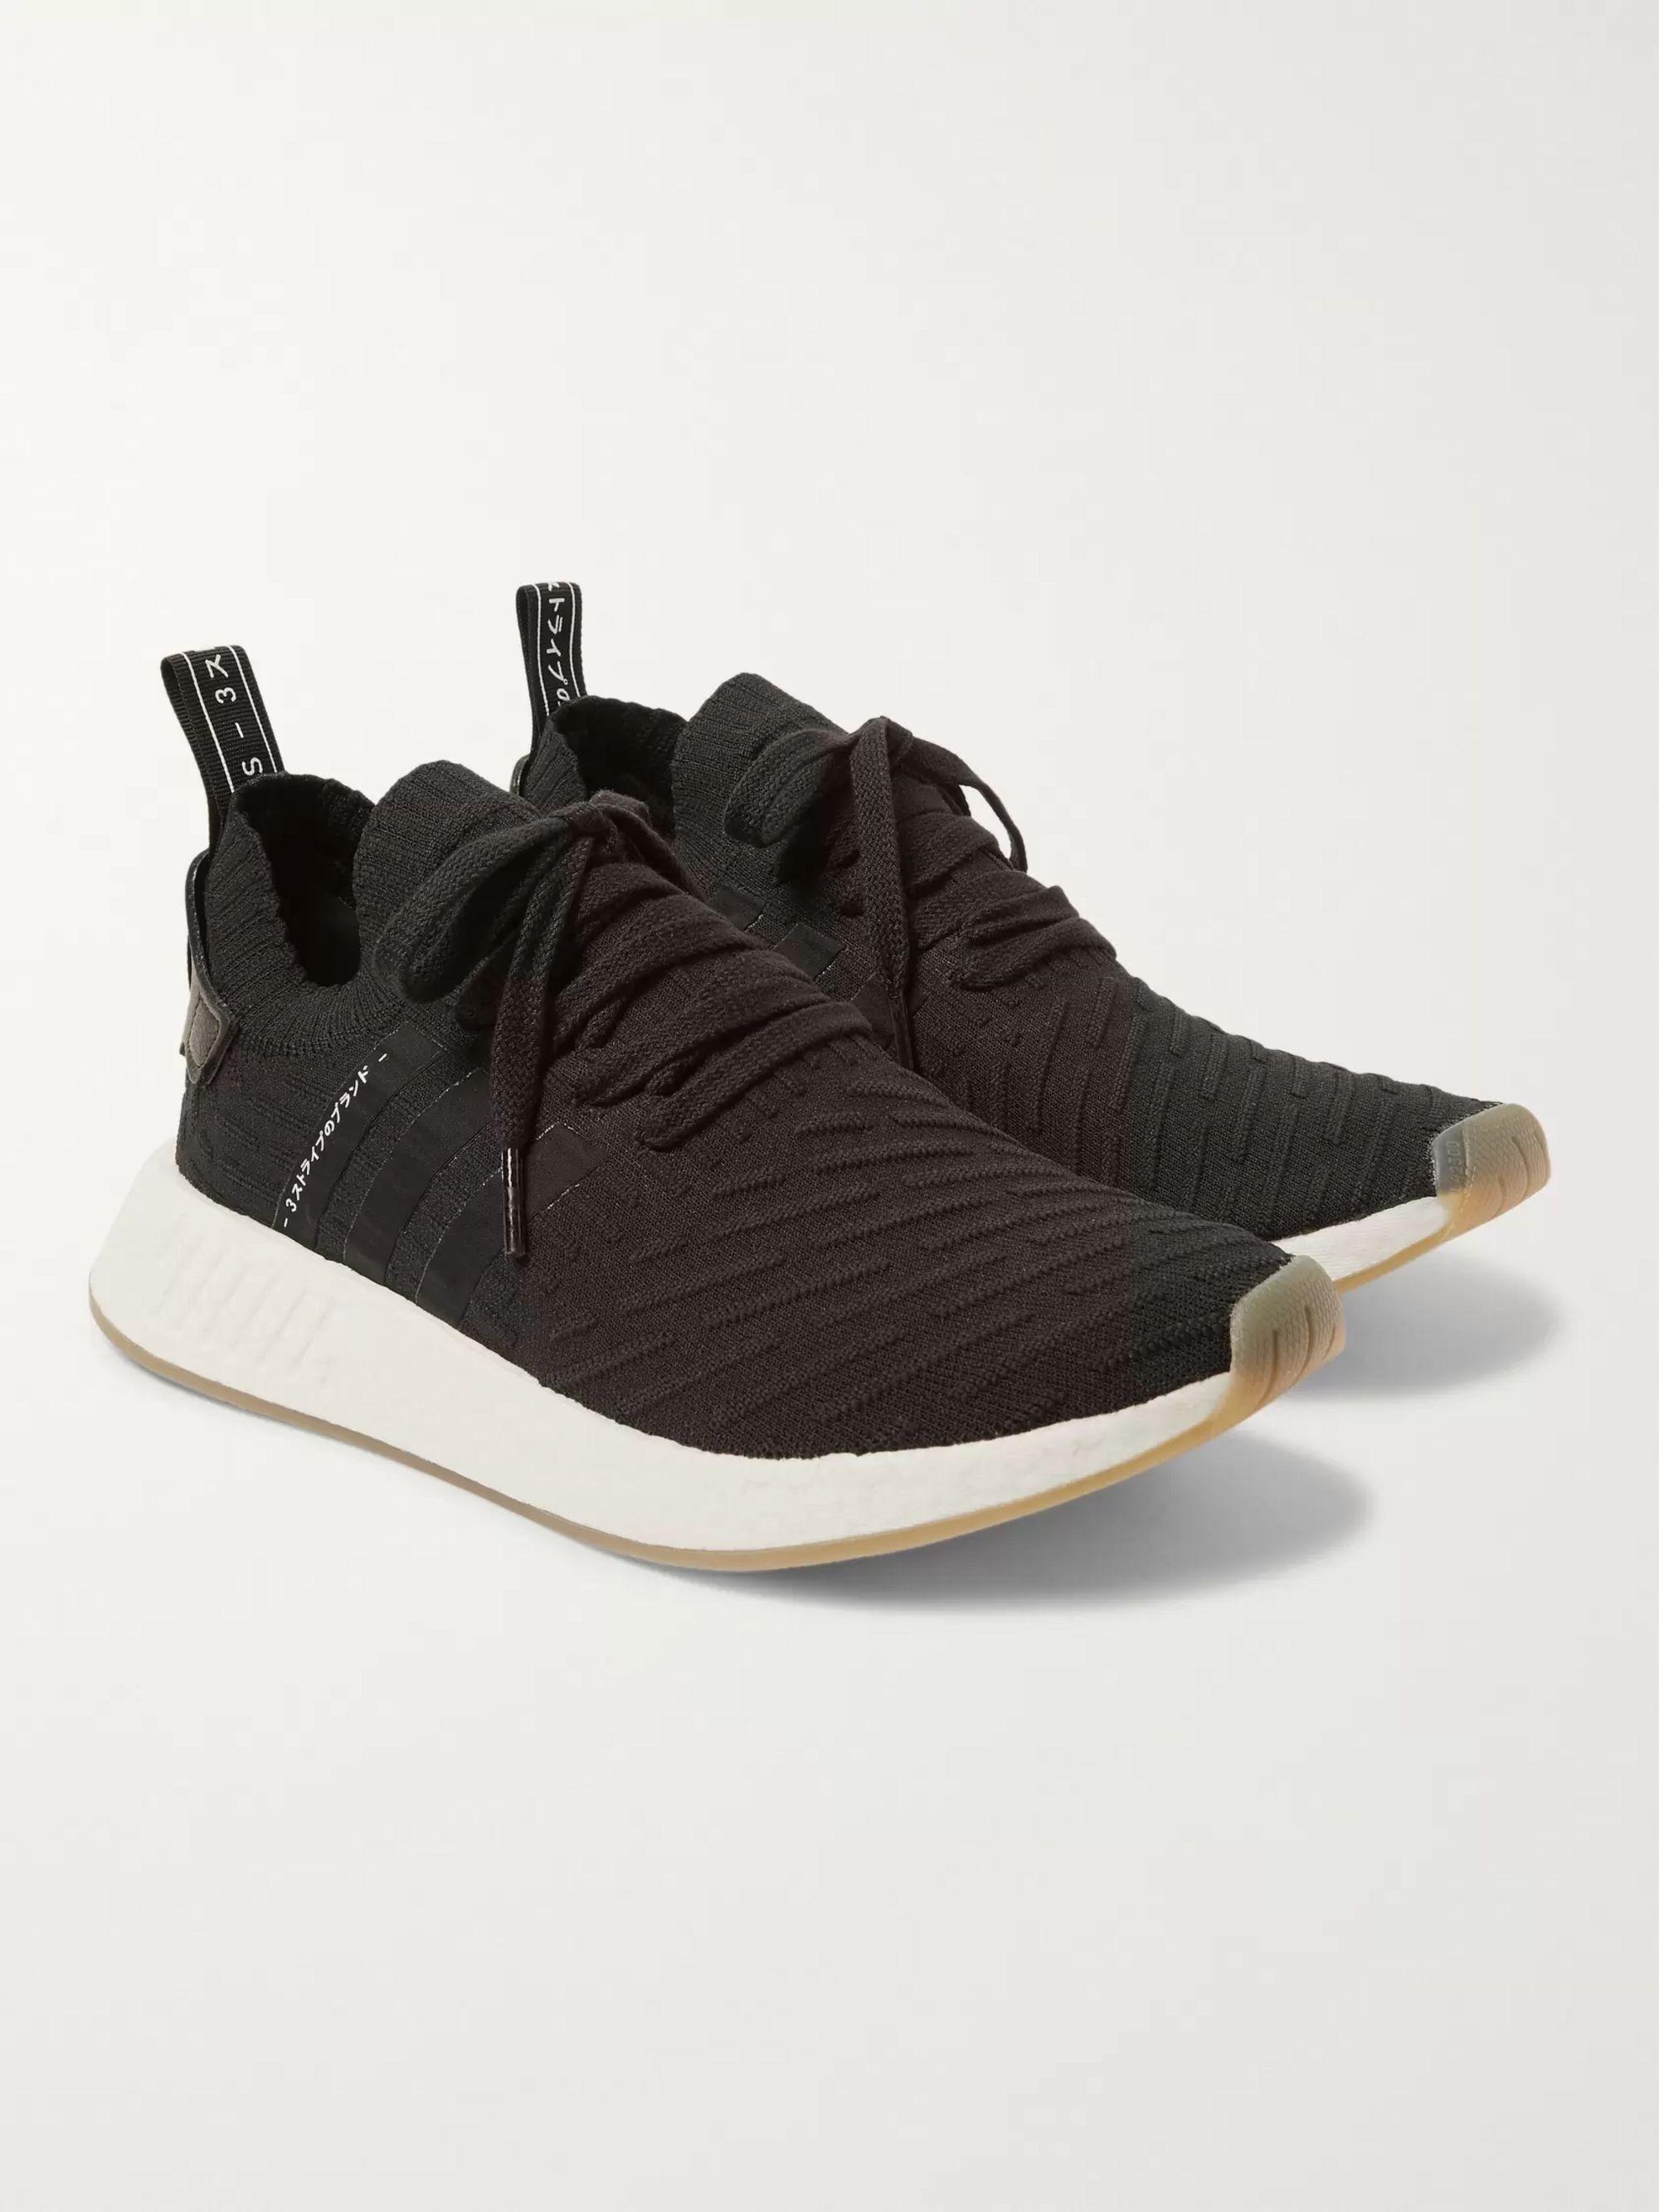 Sneaker NMD R2 PRIMEKNIT von adidas Originals BEIGE Herren